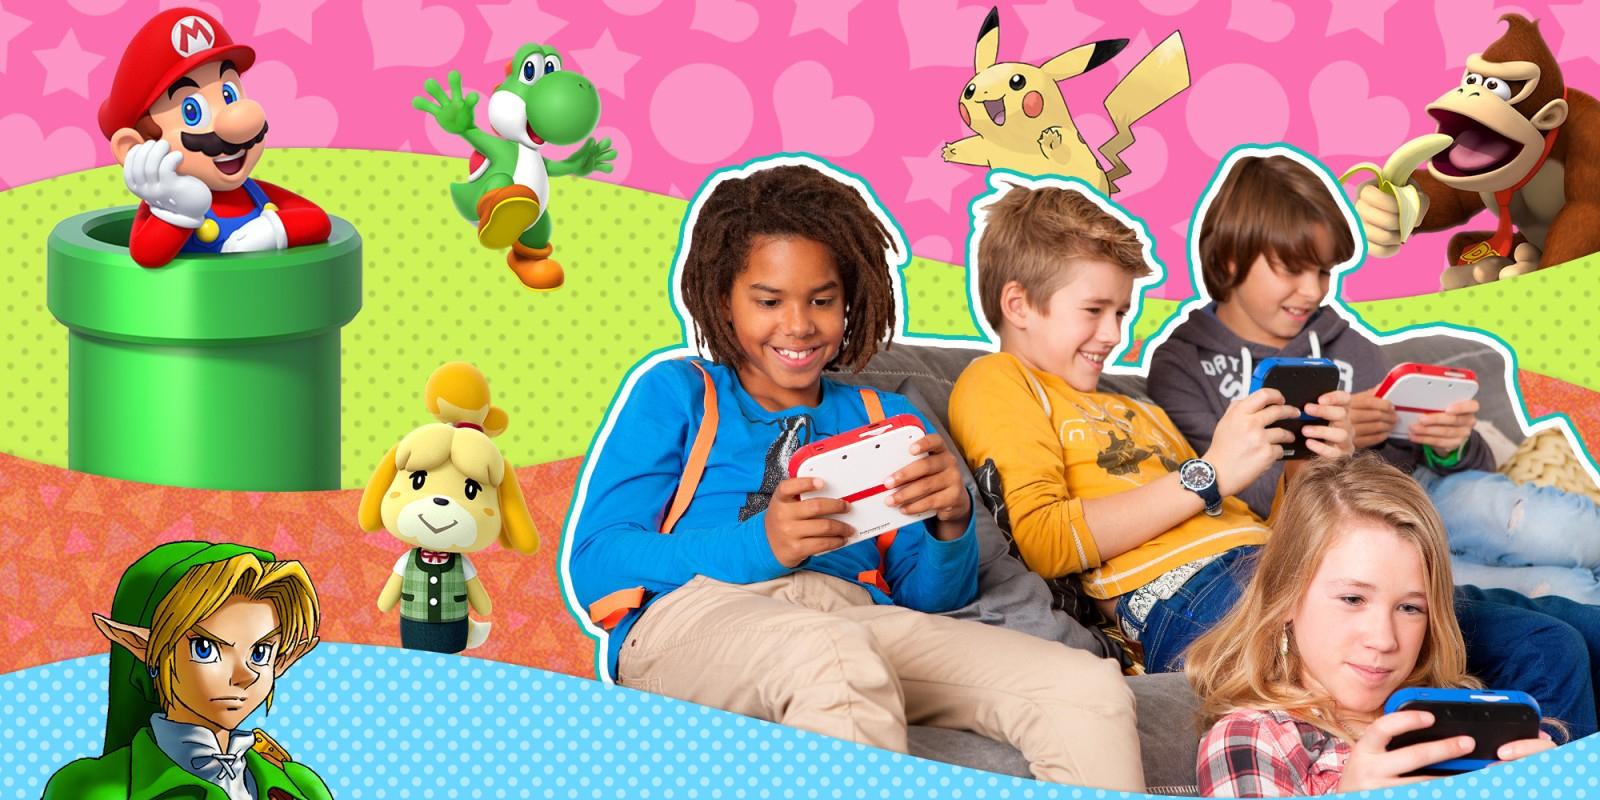 Jeux Nintendo Pour Les Enfants | Nintendo intérieur Jeux De Fille De 11 Ans Gratuit